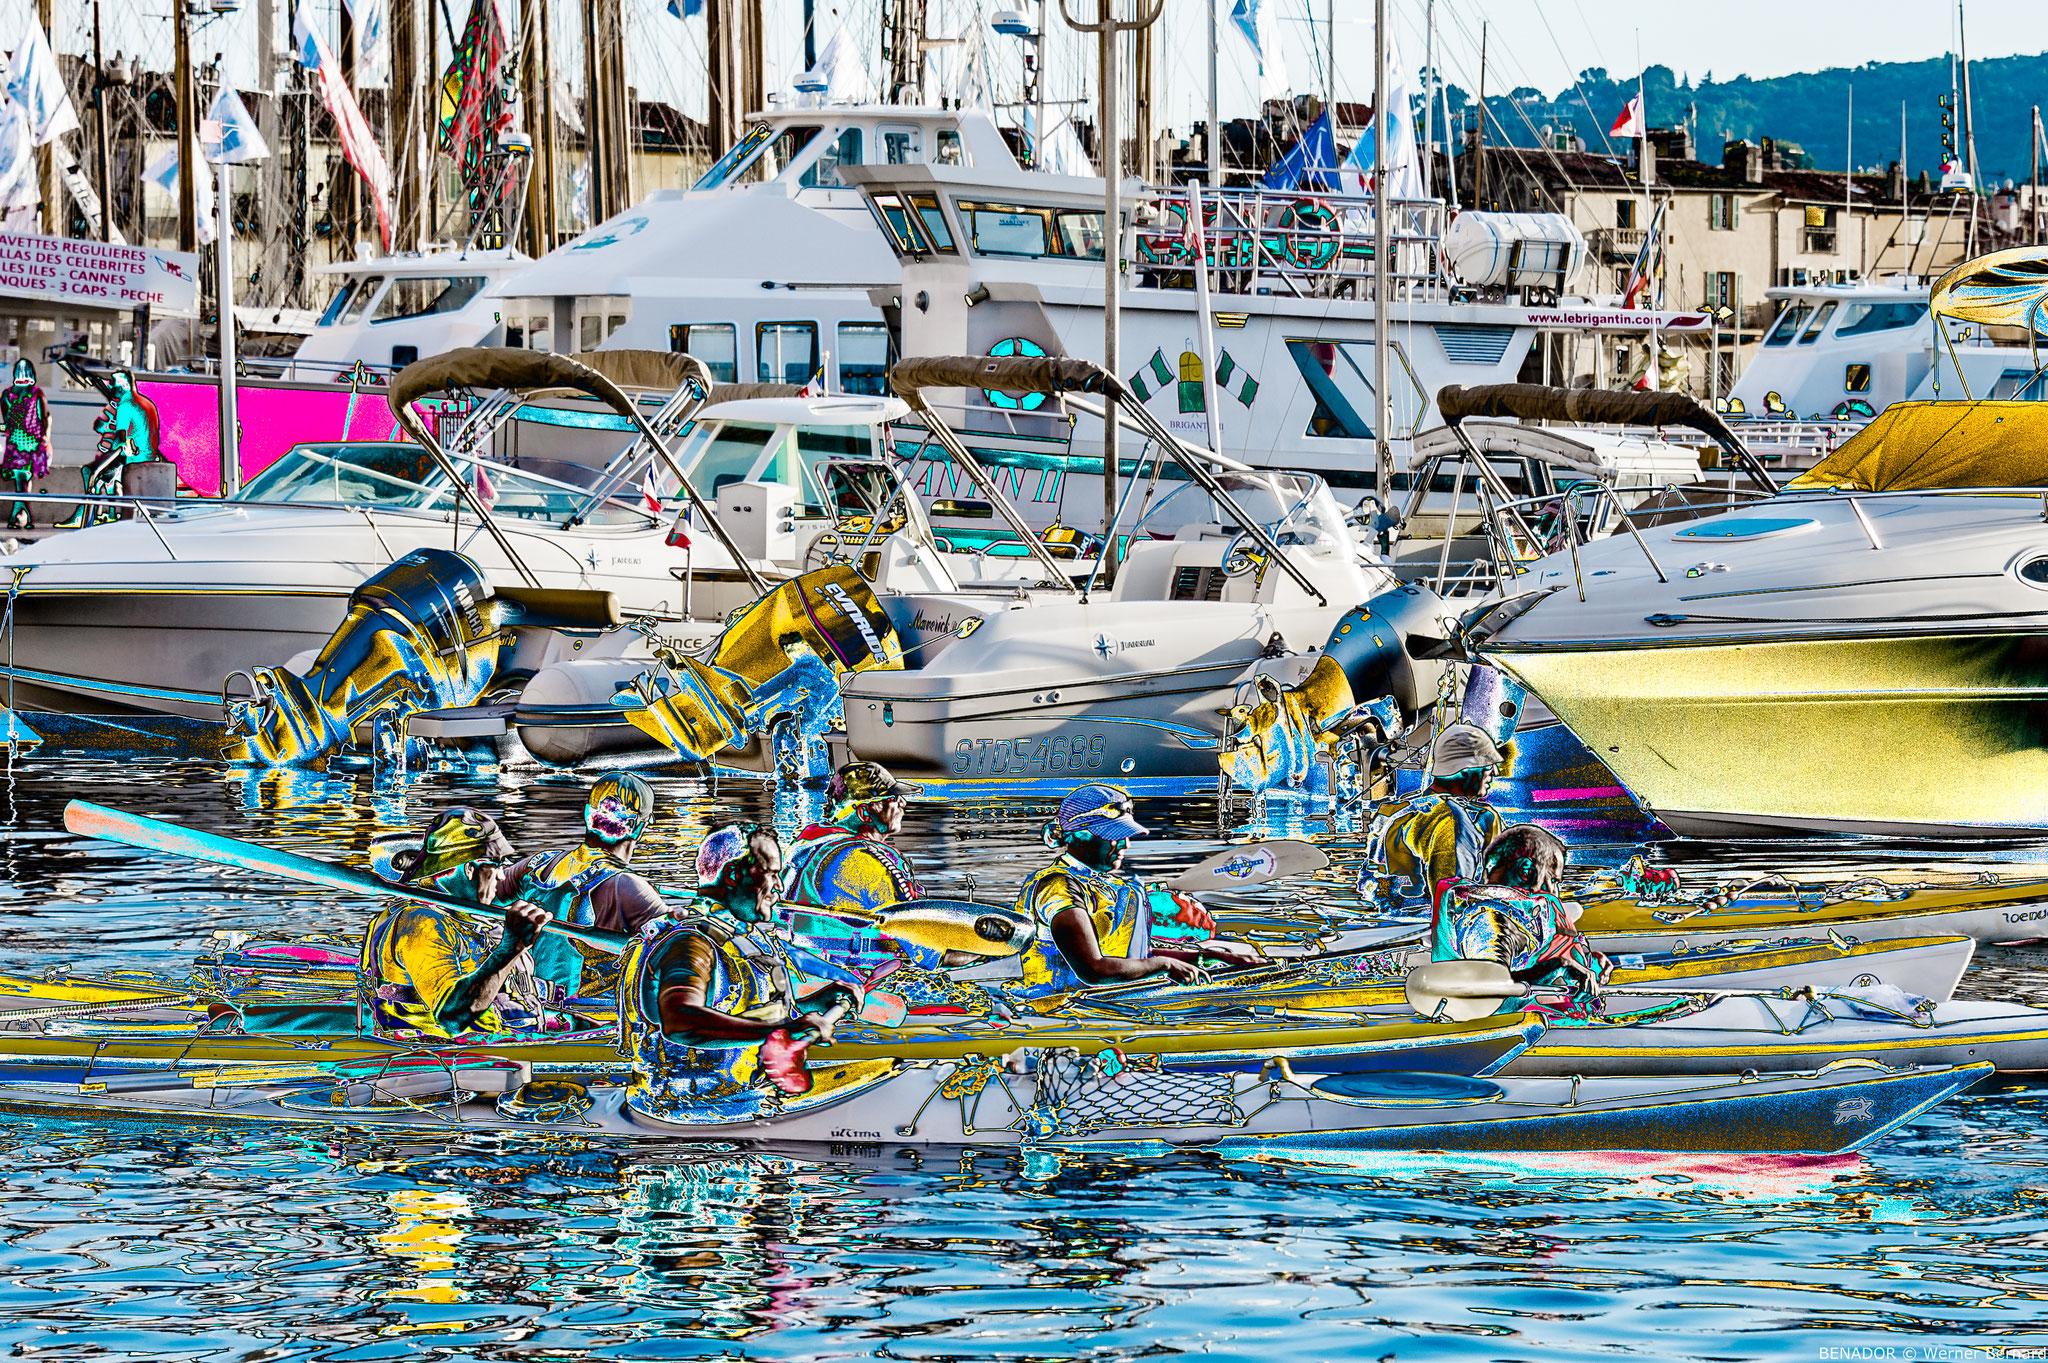 Les Voiles de St. Tropez 2012 12